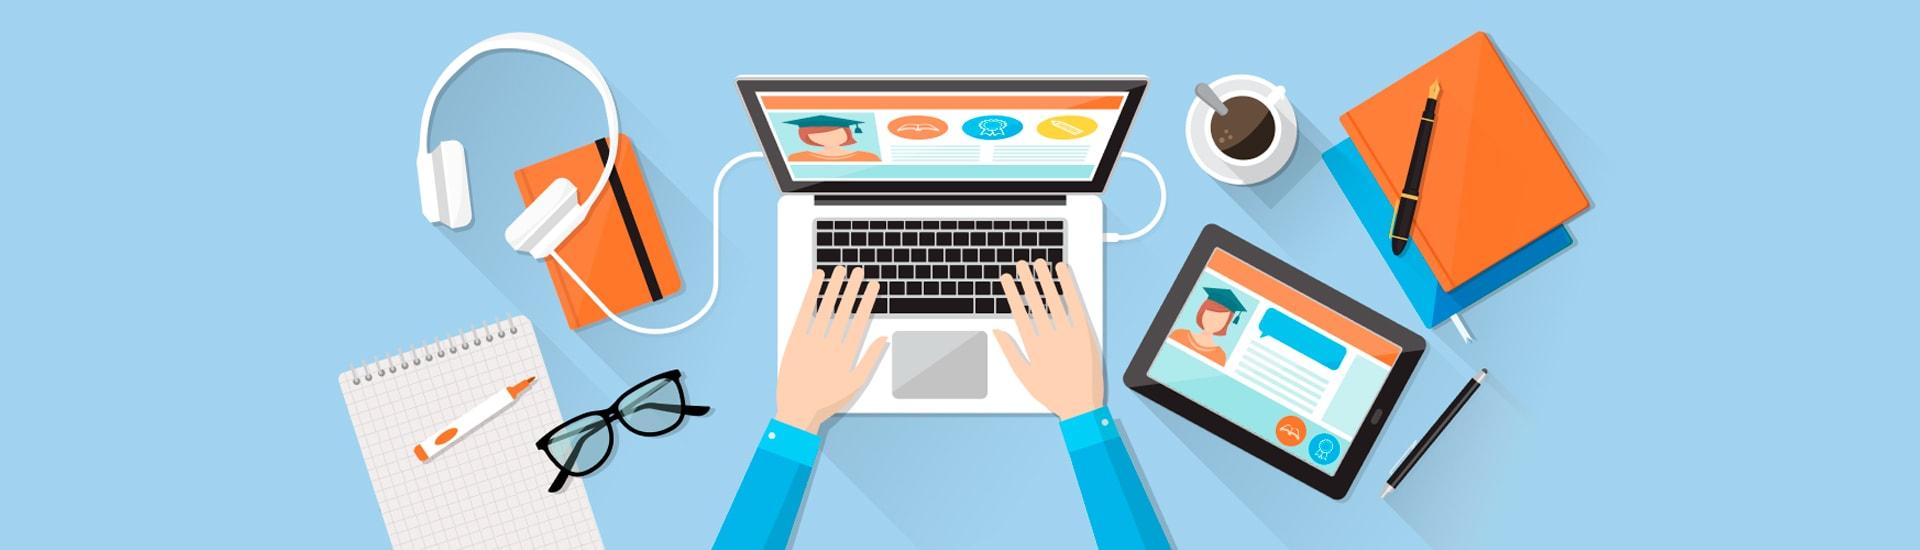 create e learning website